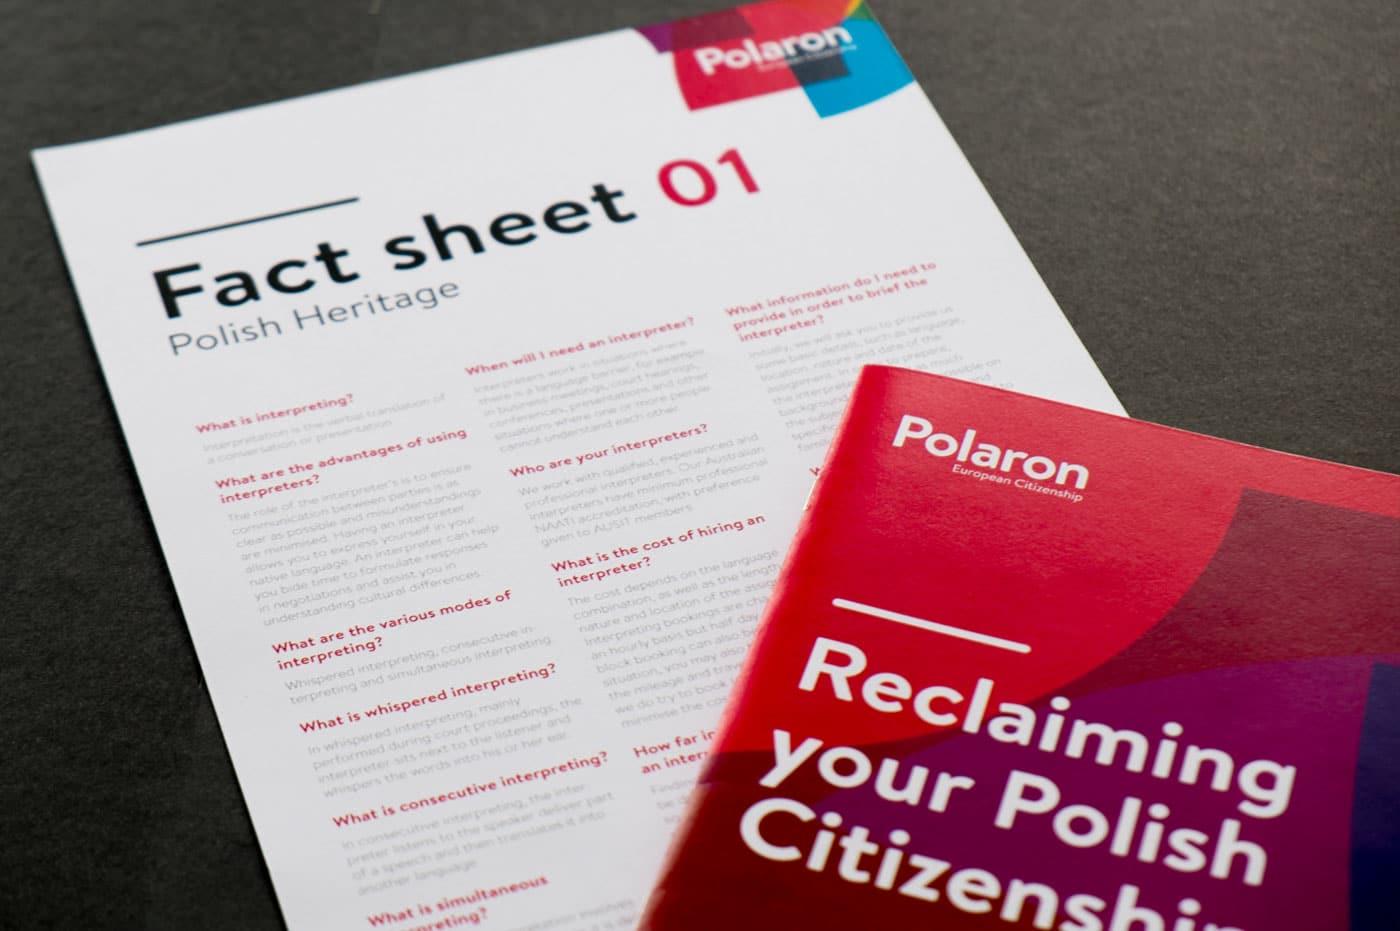 Polaron fact sheet and booklet